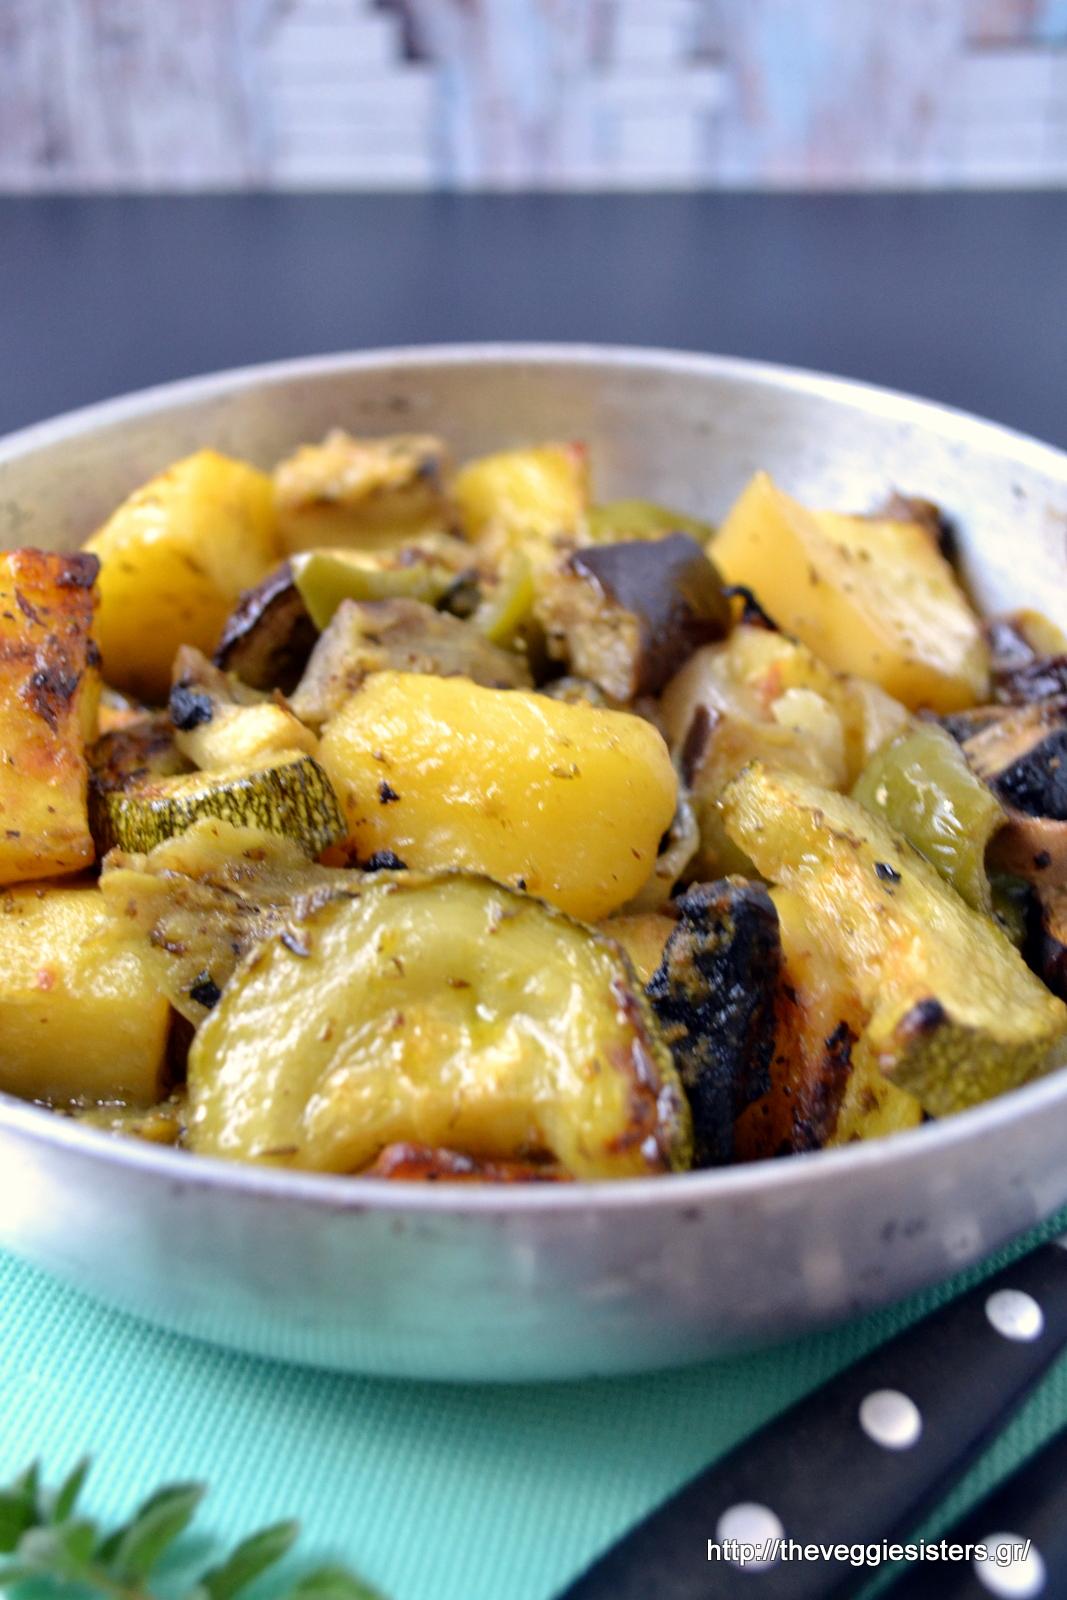 Λεμονάτο μπριάμ - Lemony briam (Greek veggie bake)